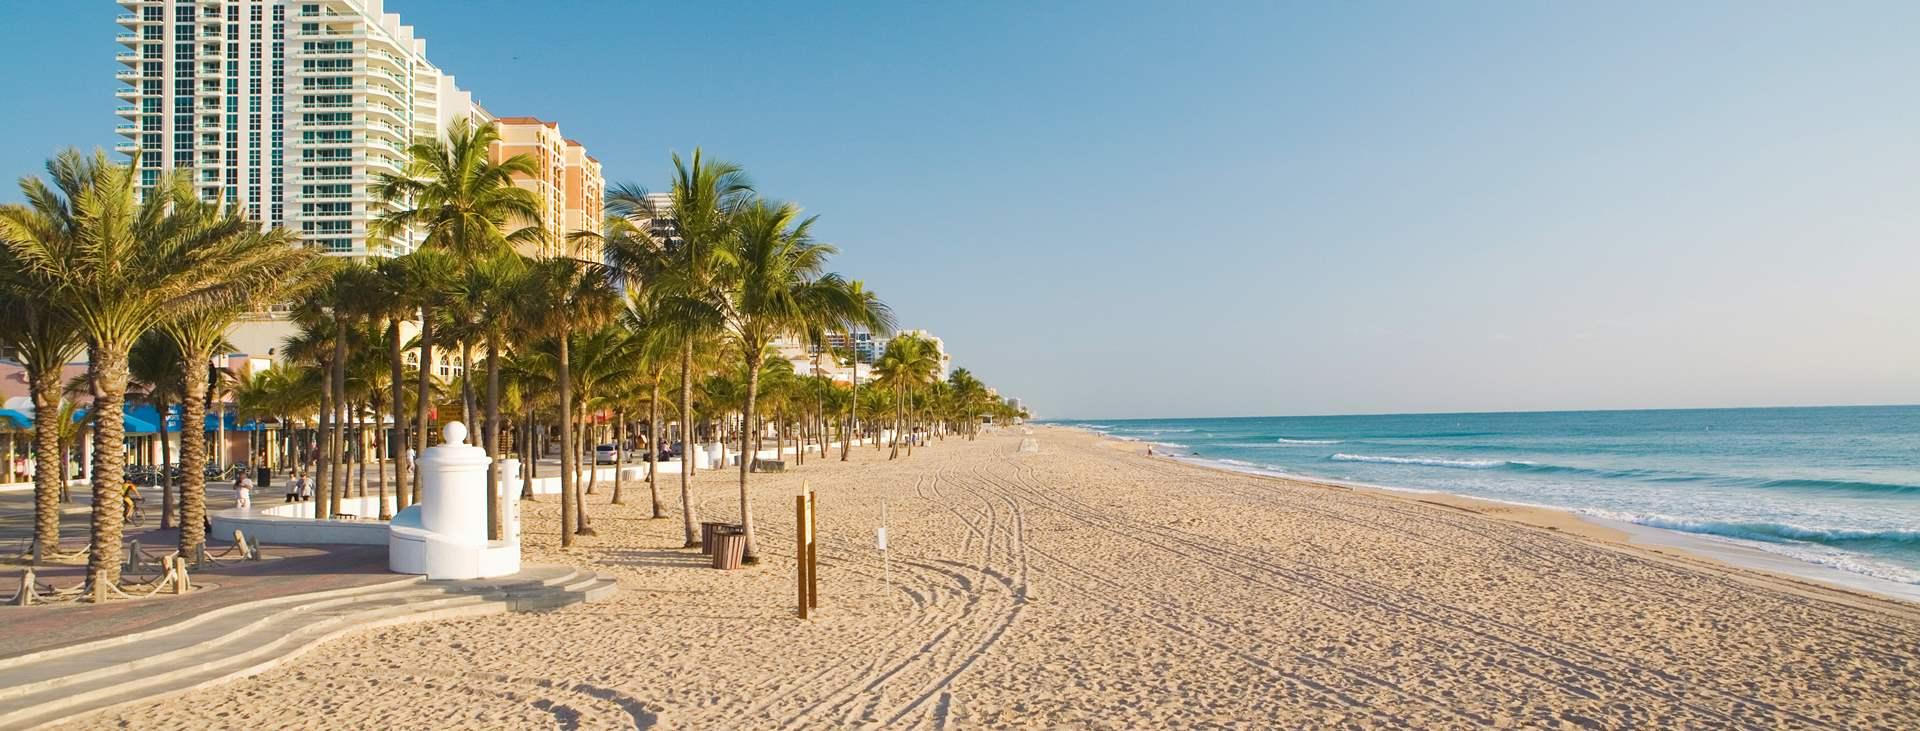 Boka en resa till Fort Lauderdale i Florida - upplev USA med Ving